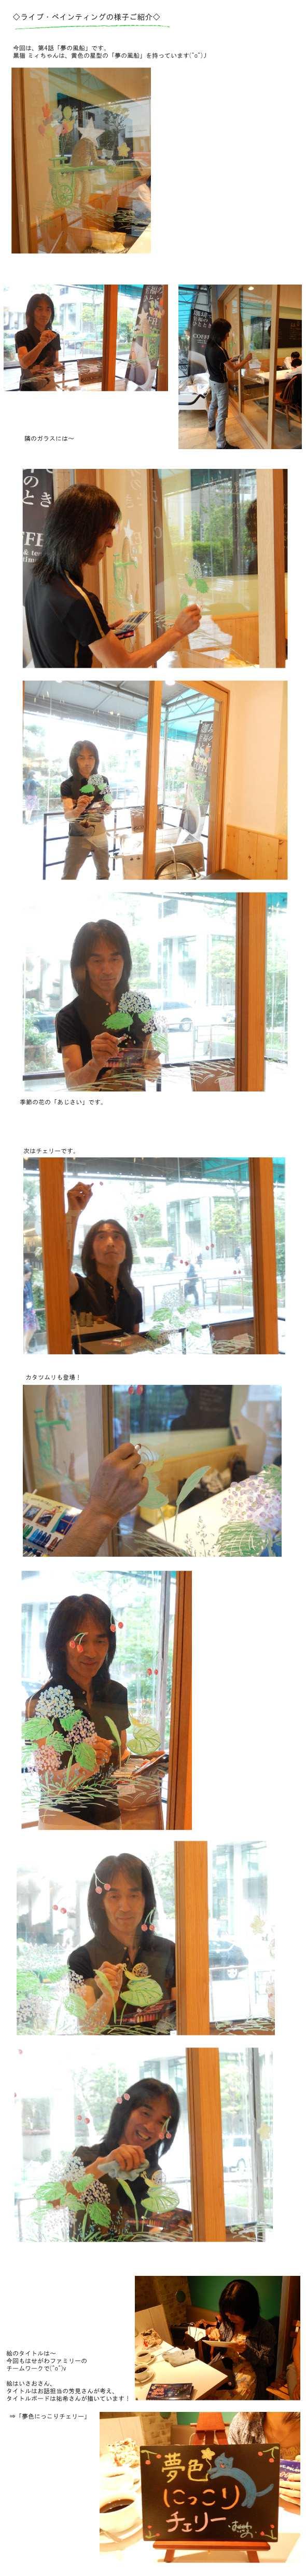 はせがわファミリーのスターリィマン・aottoウインドーギャラリー第3弾「夢色にっこりチェリー」(2013年5月23日)